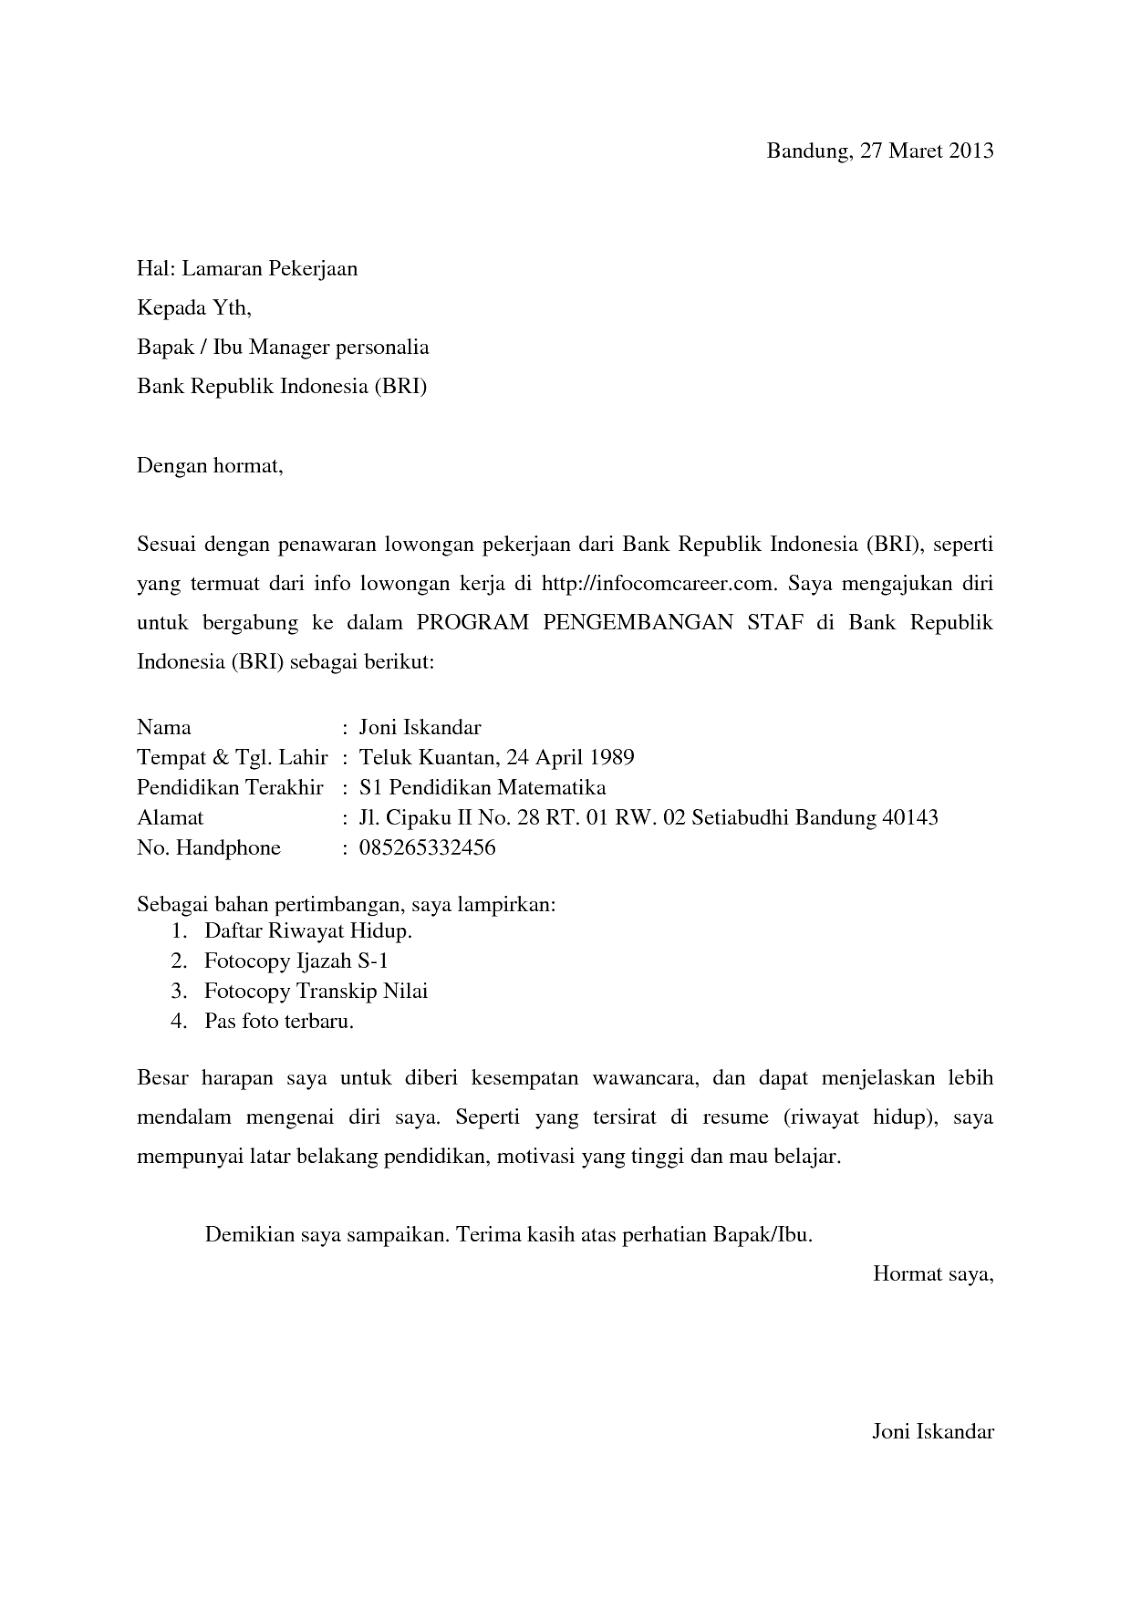 Surat Lamaran Kerja Bank BRI Contoh Lamaran Kerja dan CV